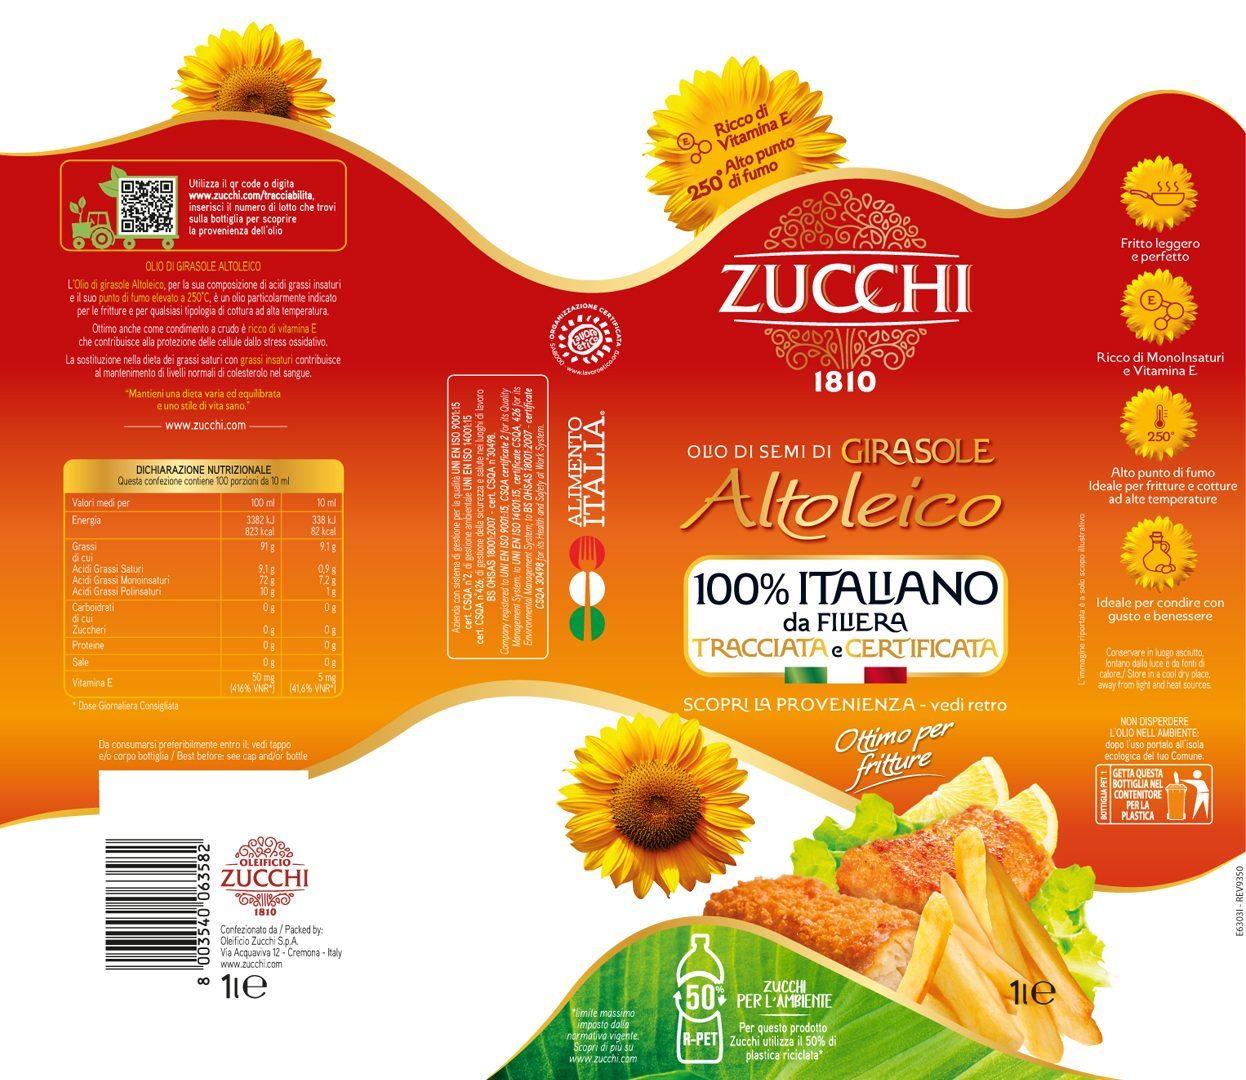 E6303I Zucchi girasole Altoleico 100% Ita